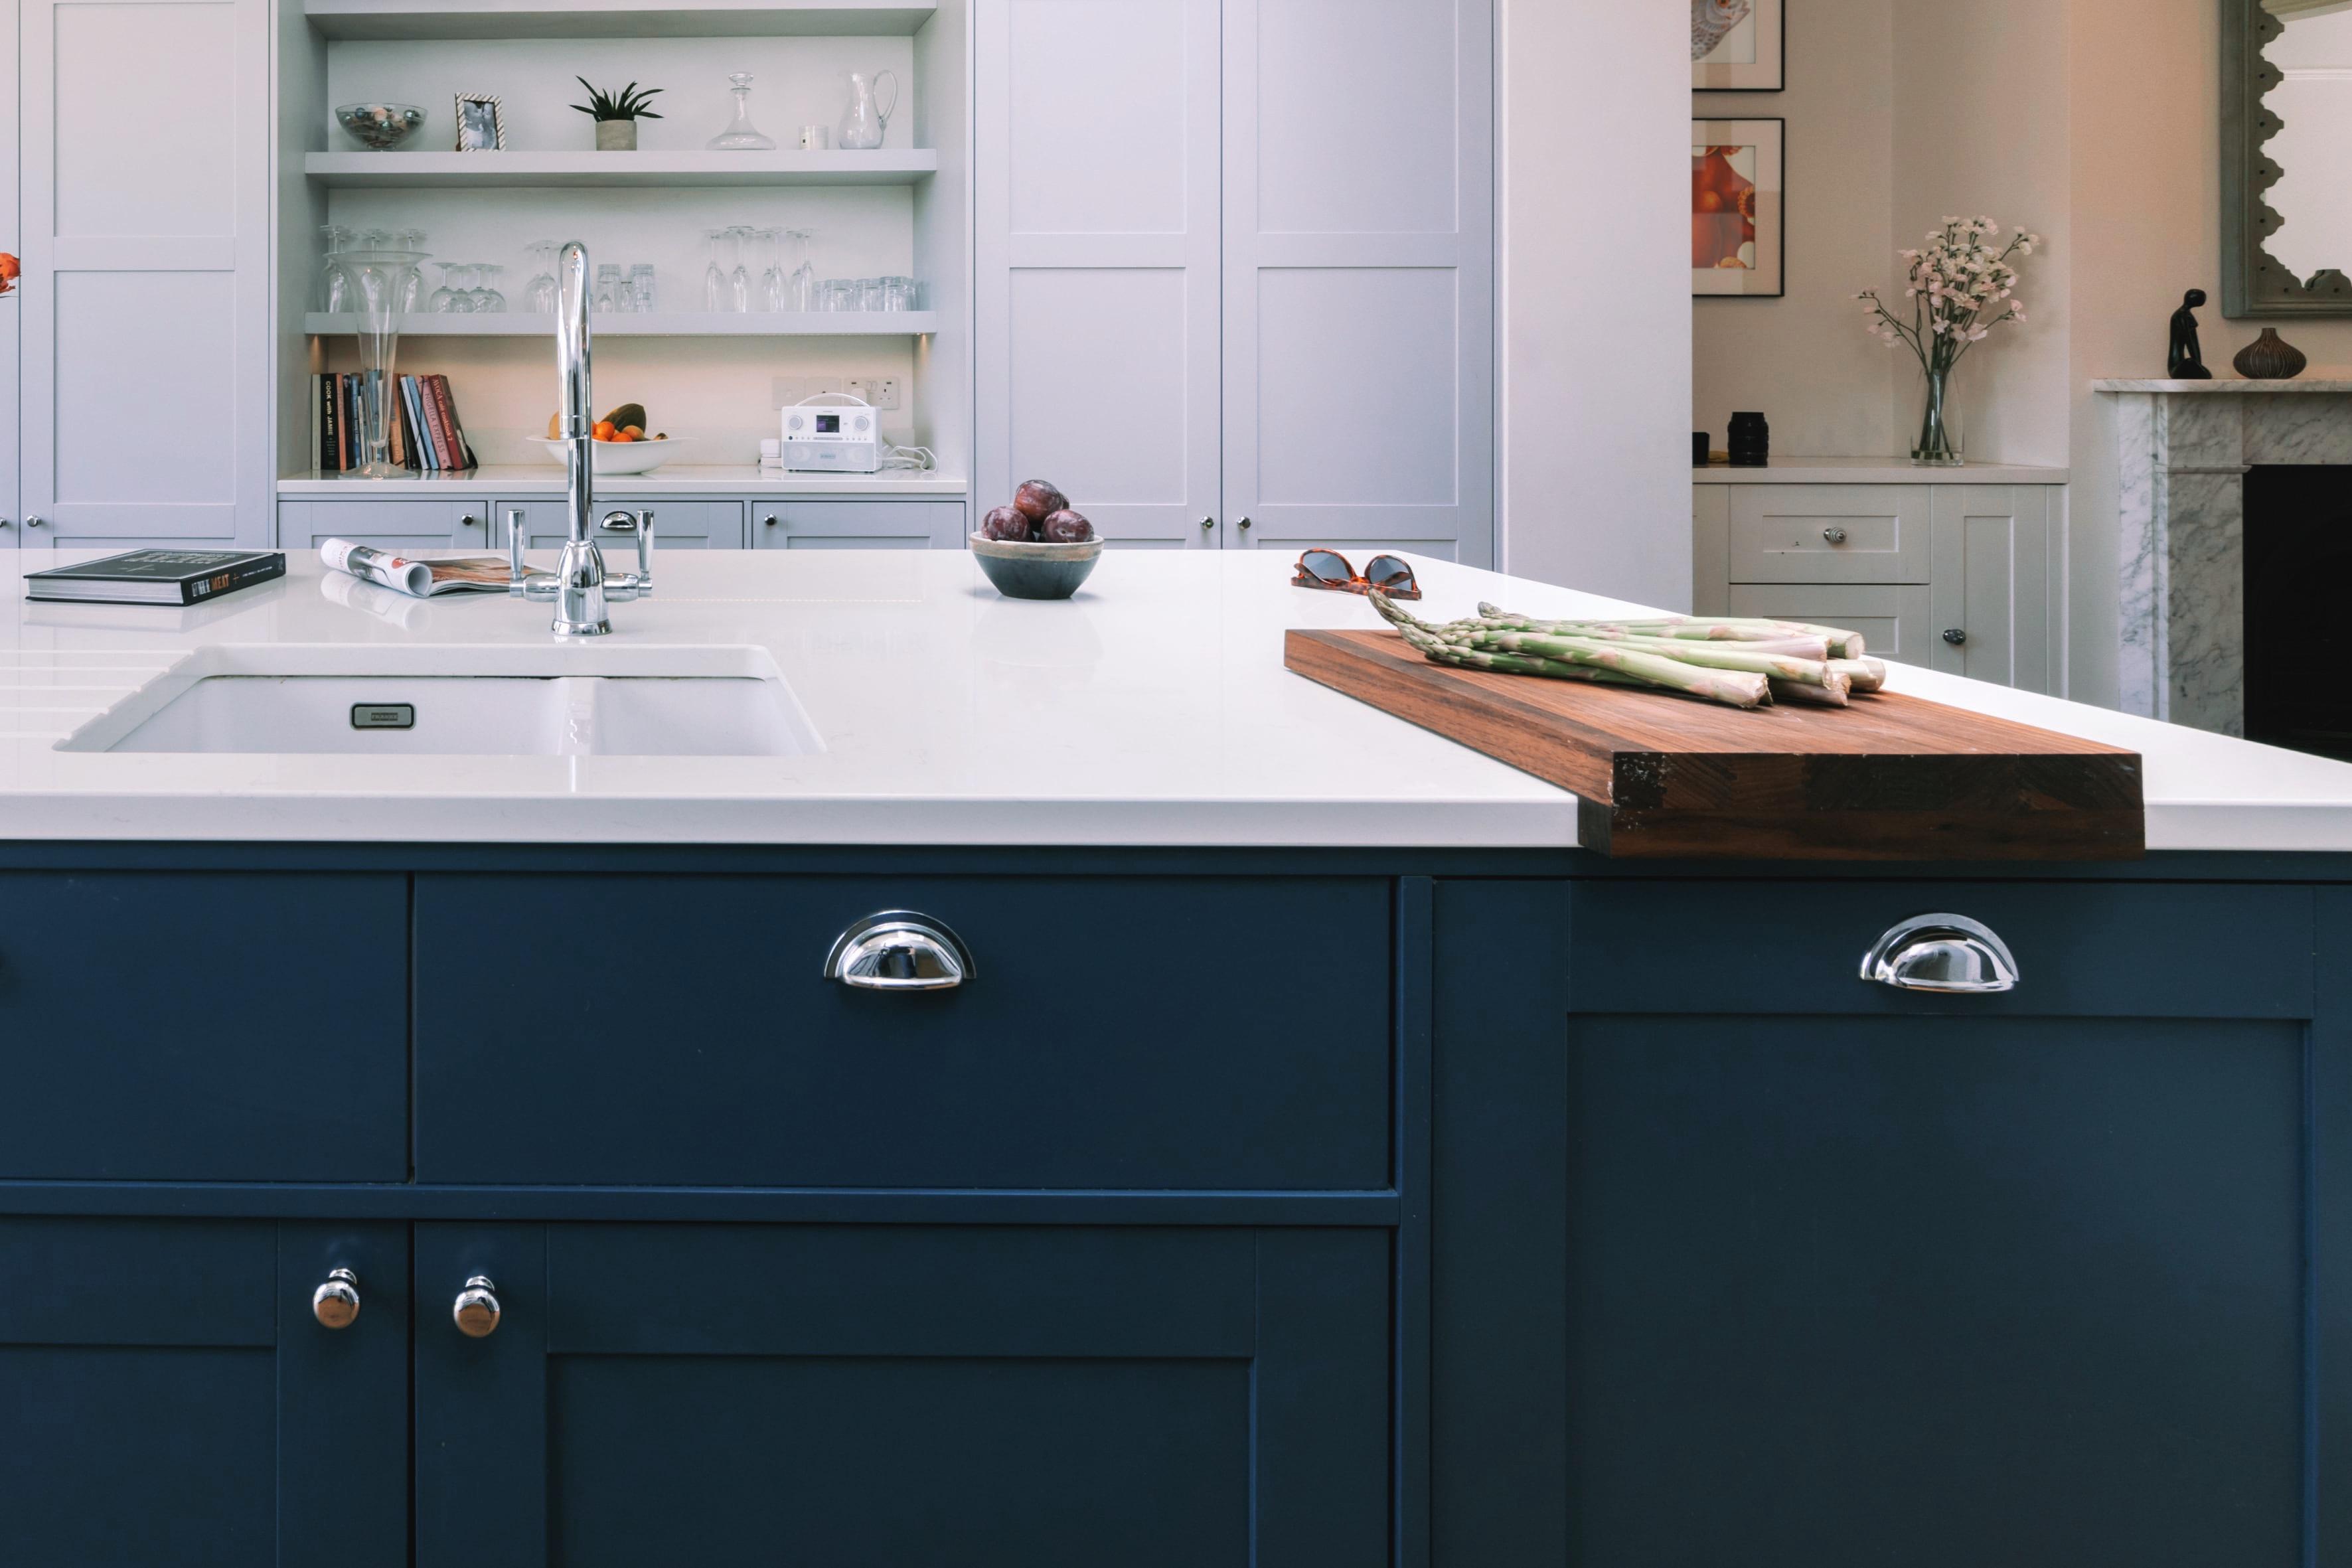 Interior designer Chiswick blue kitchen island